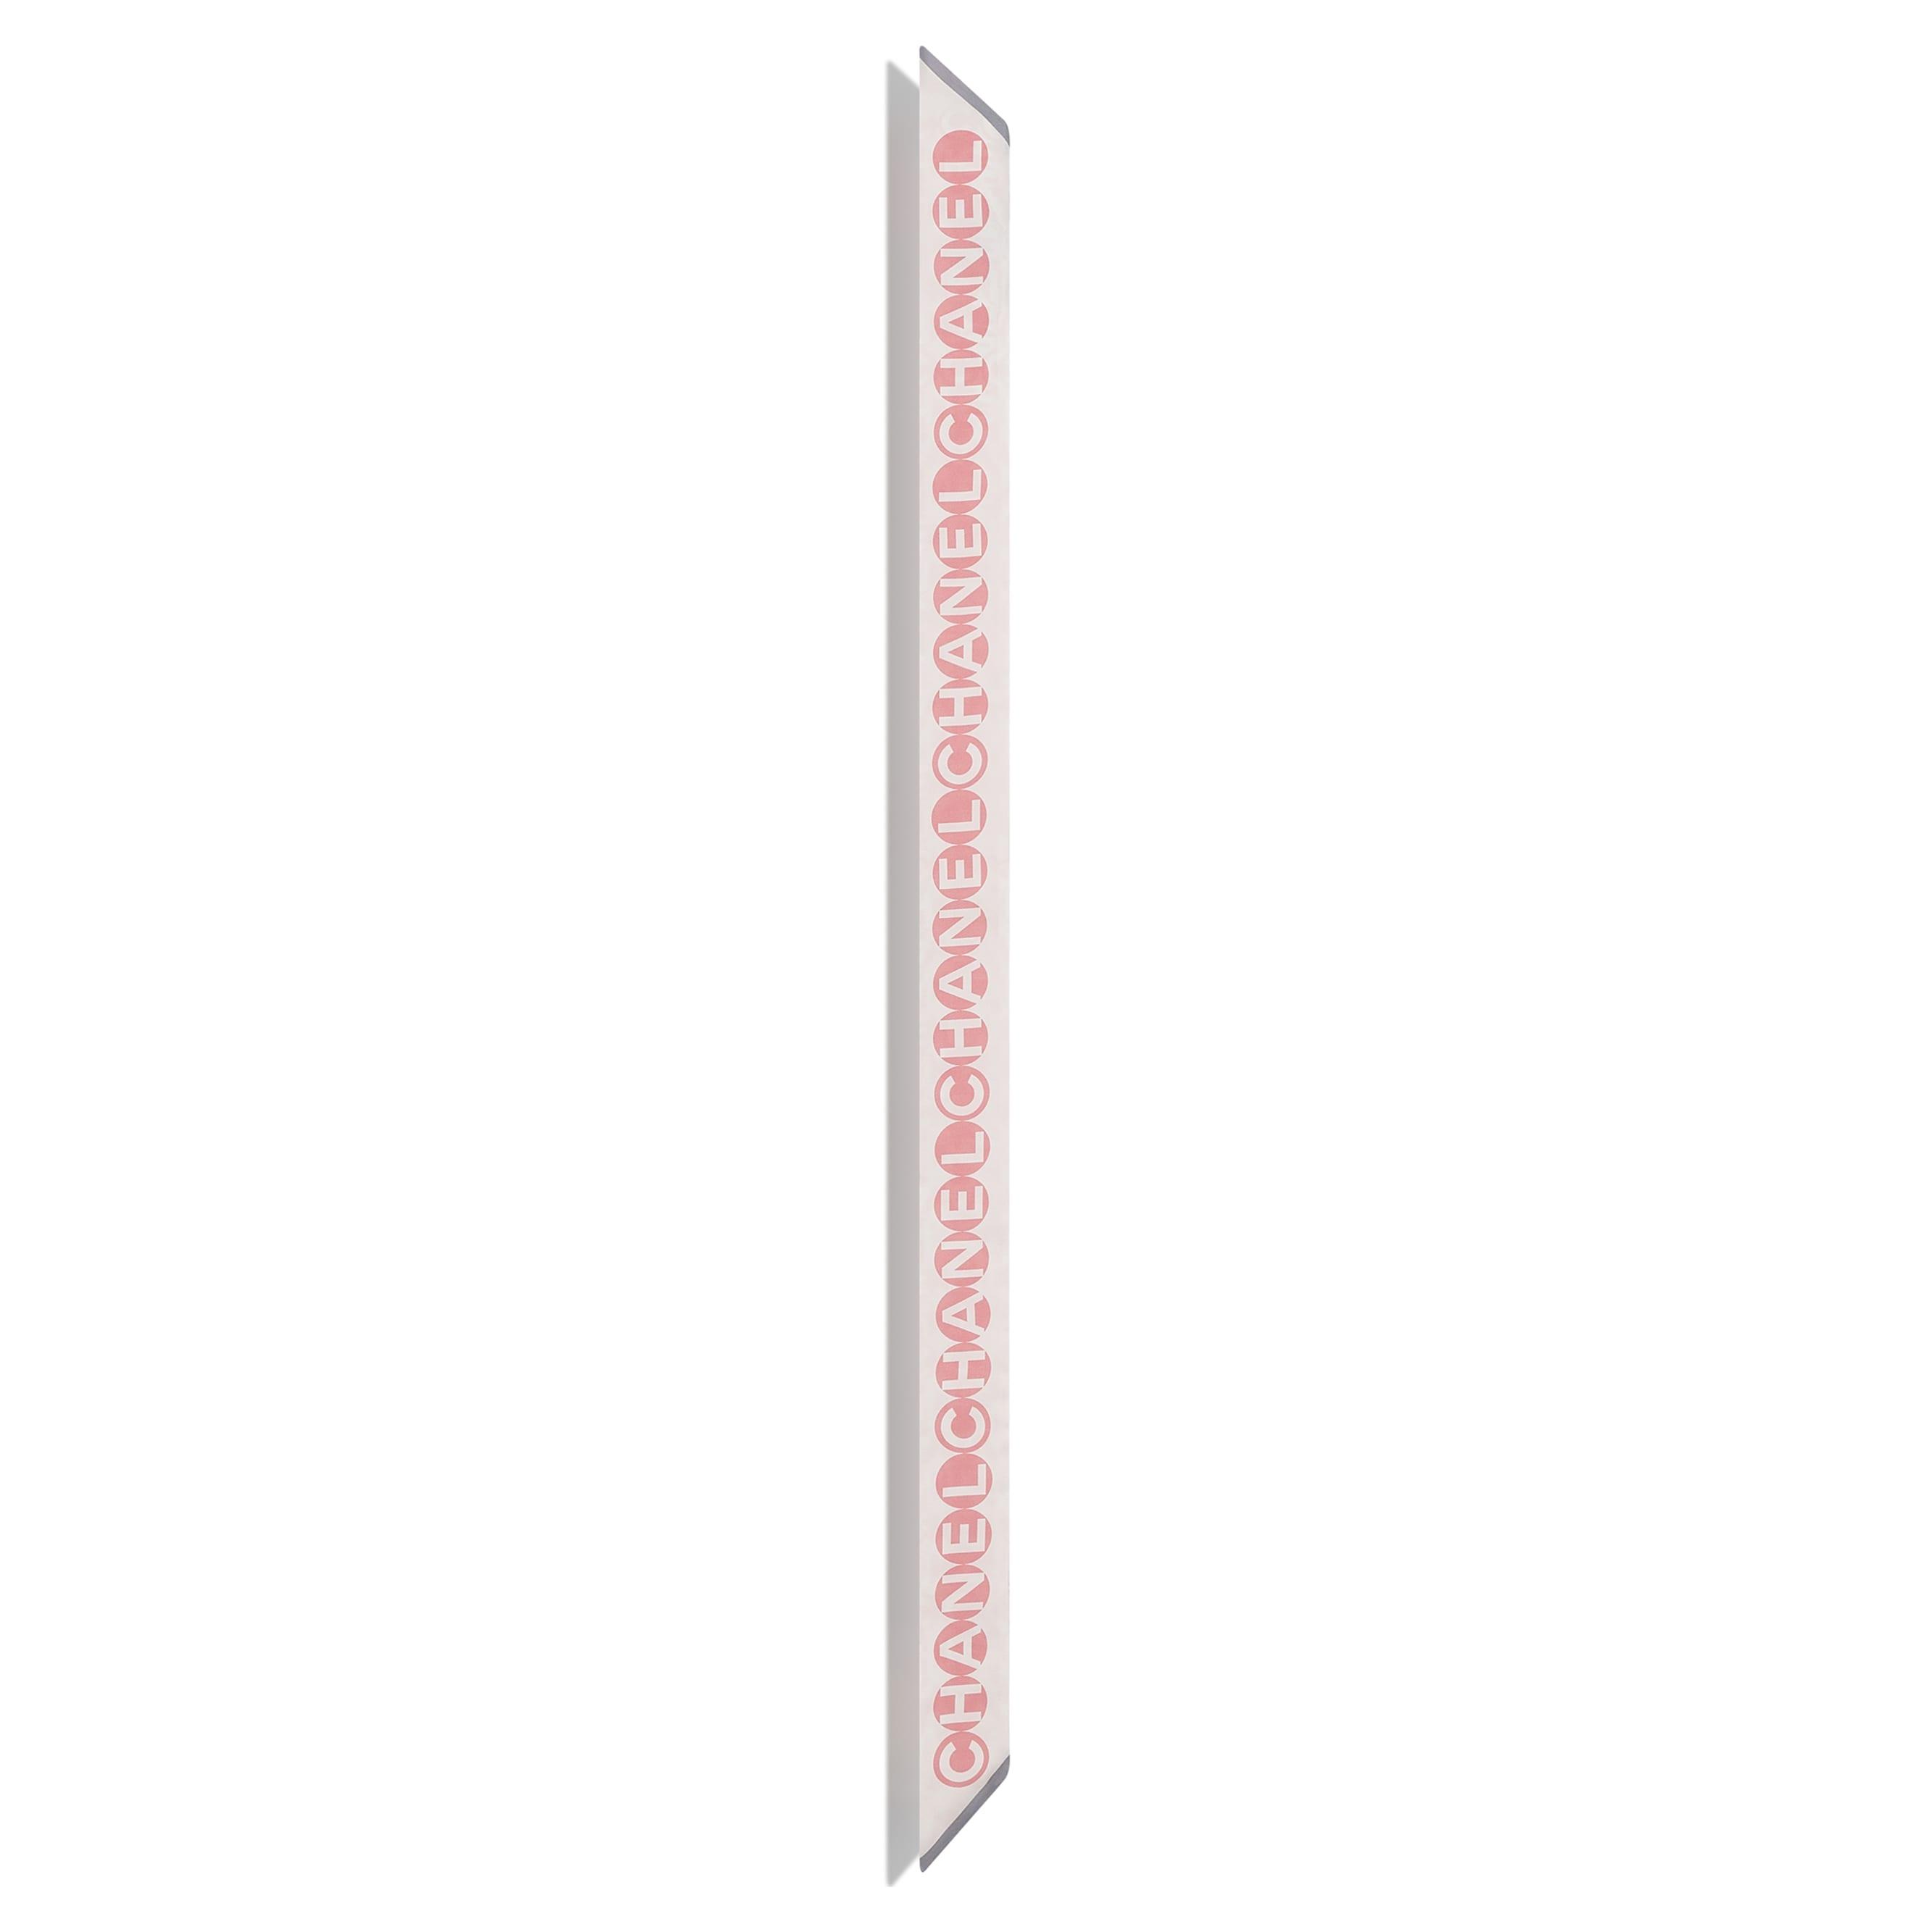 Бандо - Розовый и серый - Шелковый твид - CHANEL - Альтернативный вид - посмотреть изображение стандартного размера